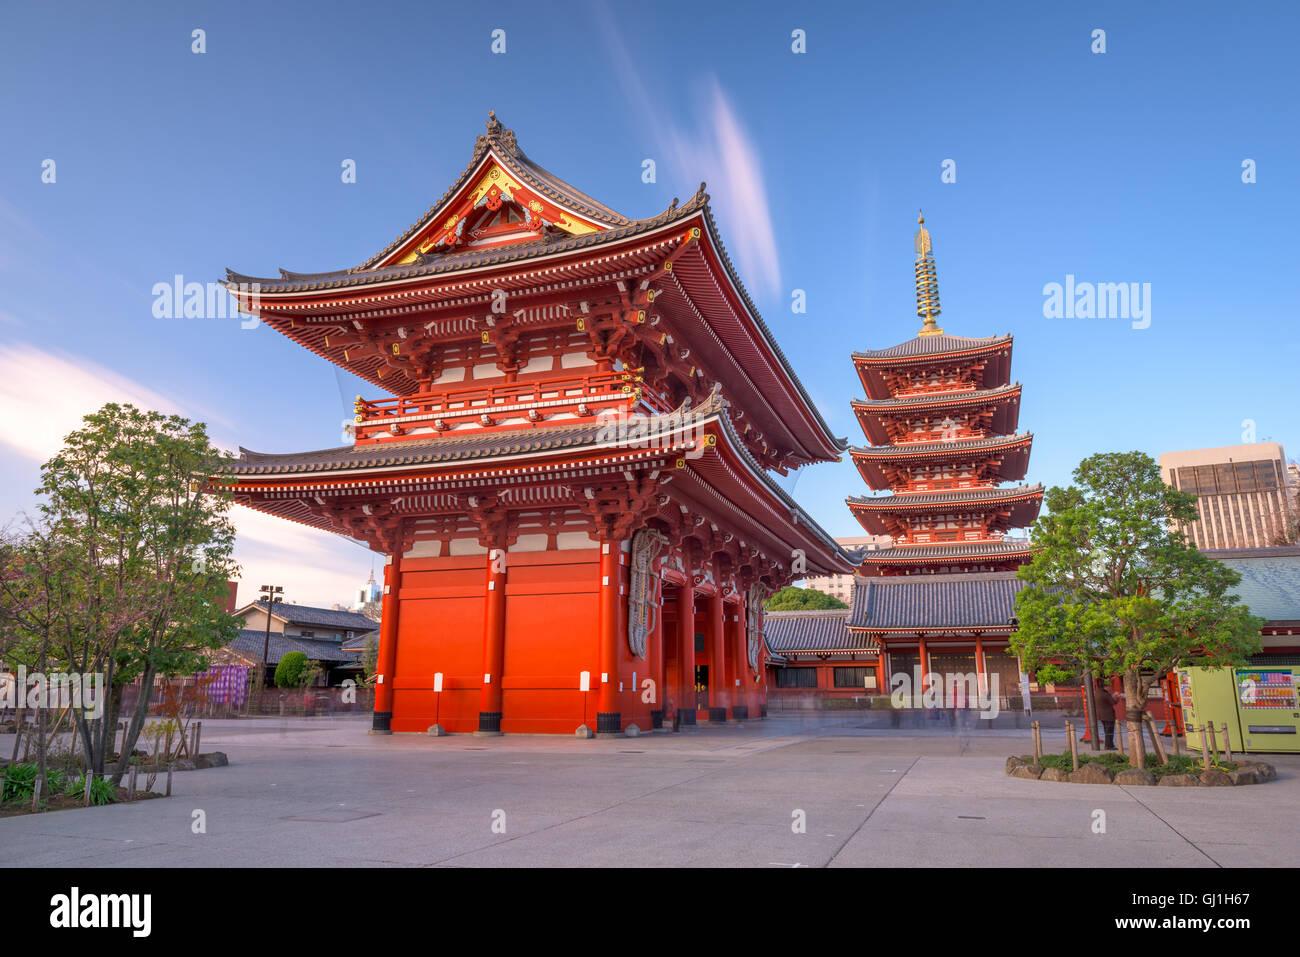 Templo Sensoji en Asakusa, Tokio, Japón. Imagen De Stock